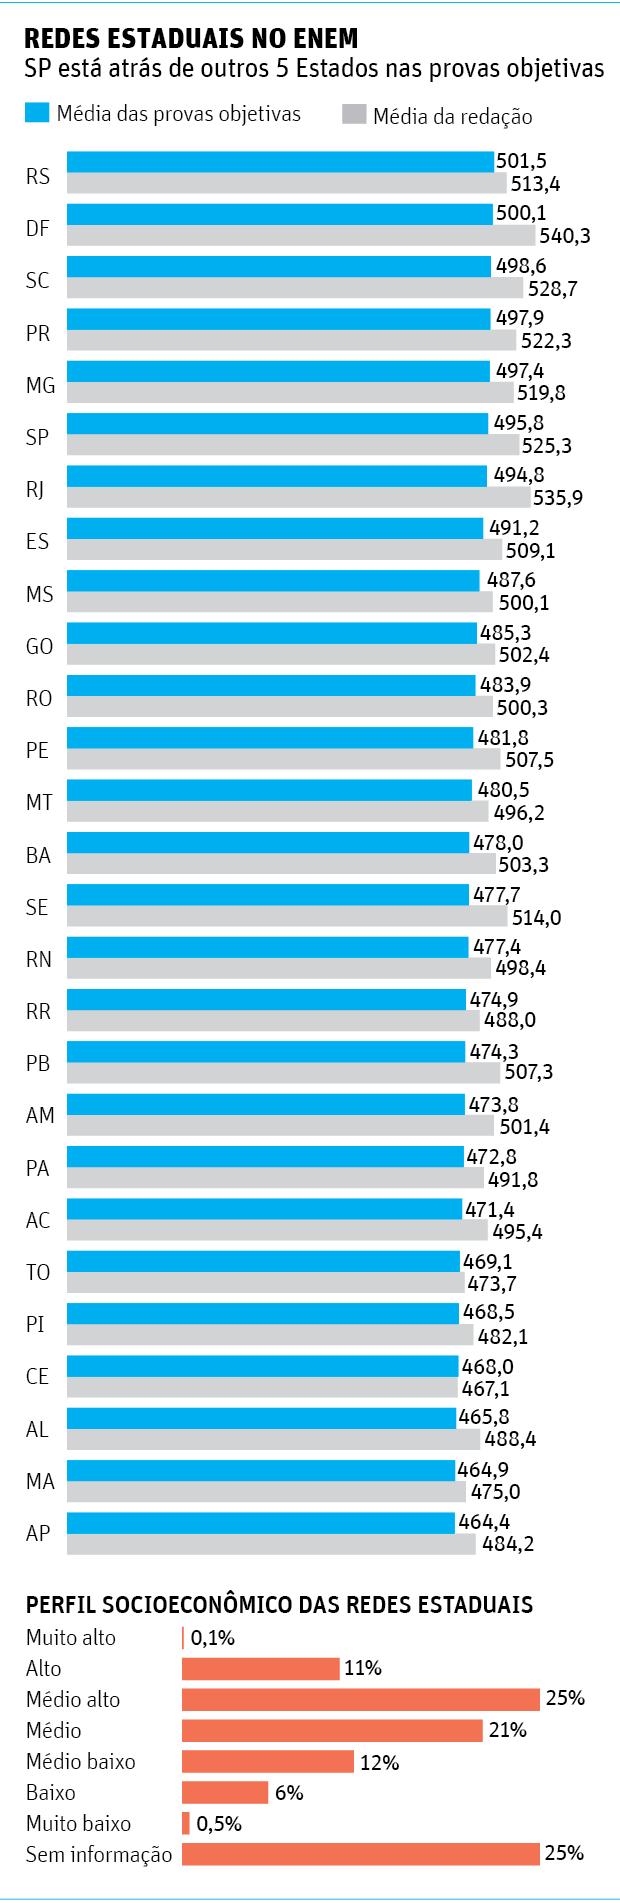 REDES ESTADUAIS NO ENEMSP está atrás de outros 5 Estados nas provas objetivas